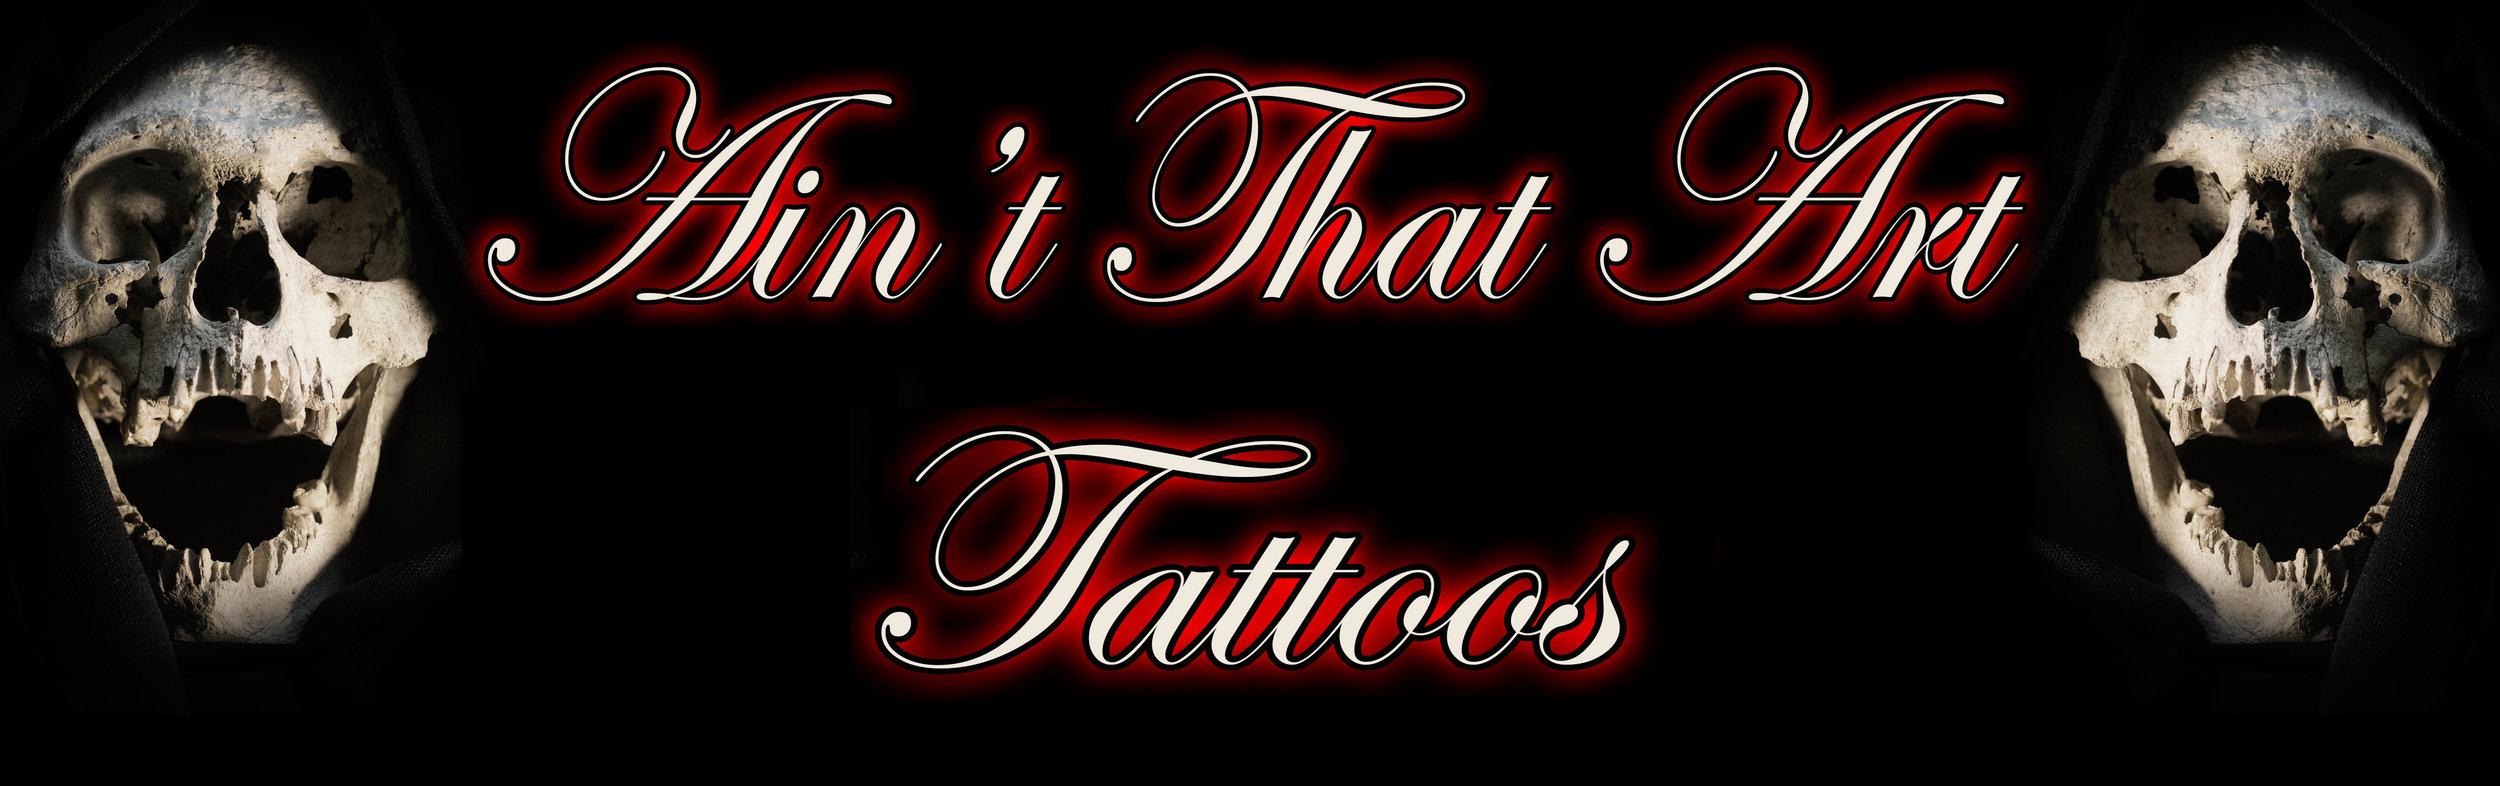 header-tattoos2.jpg